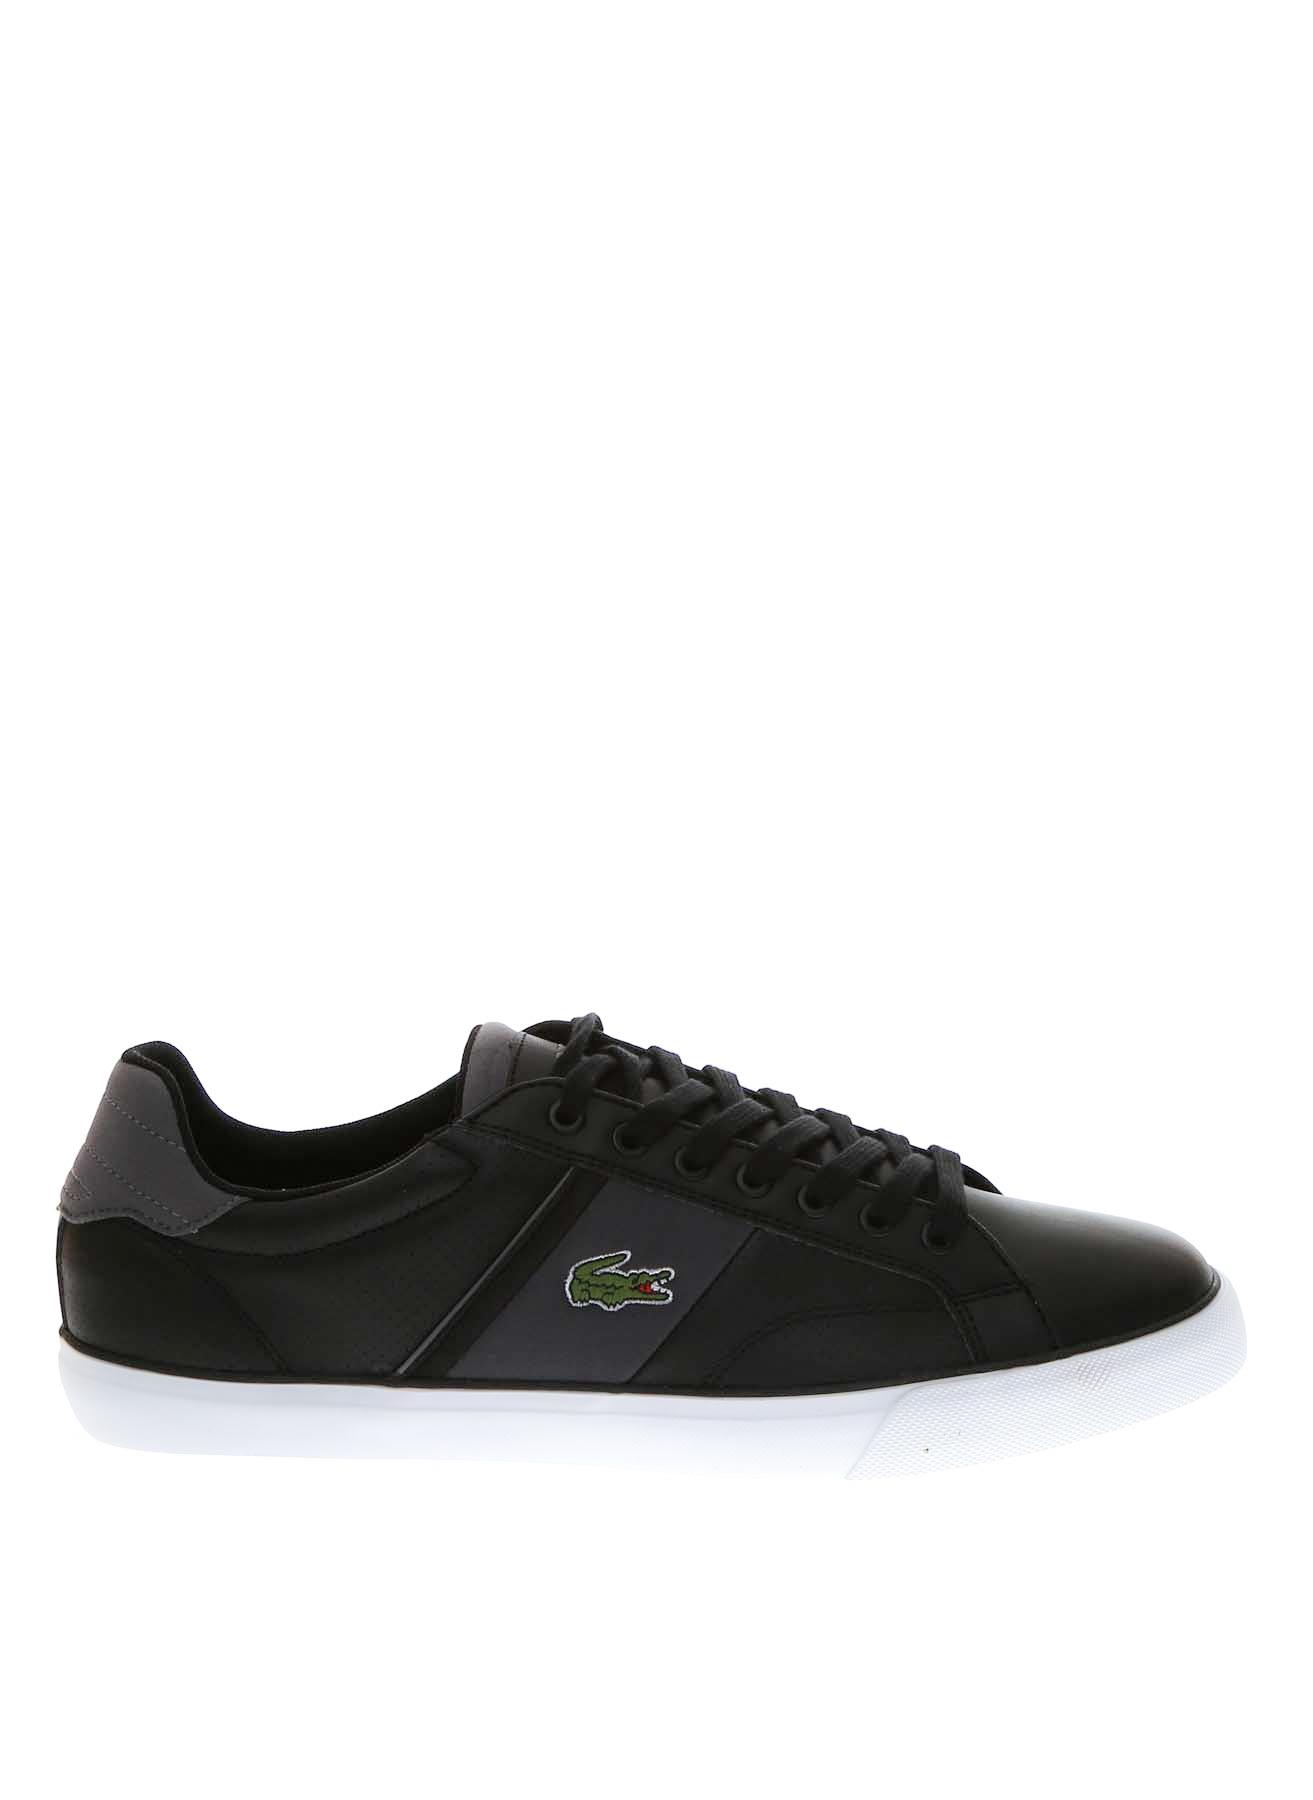 Lacoste Erkek Siyah - Gri Günlük Ayakkabı 41 5000203184003 Ürün Resmi